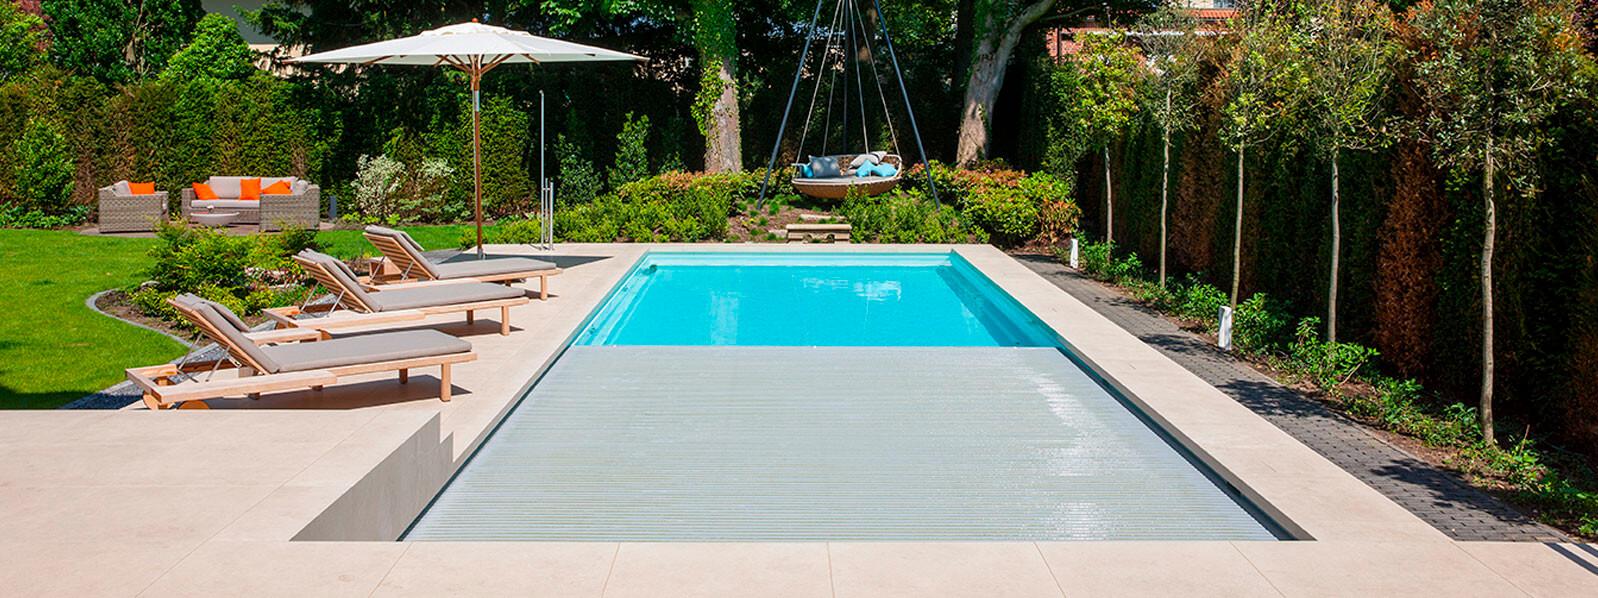 pool rolladenabdeckung poolabdeckungen automatisch. Black Bedroom Furniture Sets. Home Design Ideas